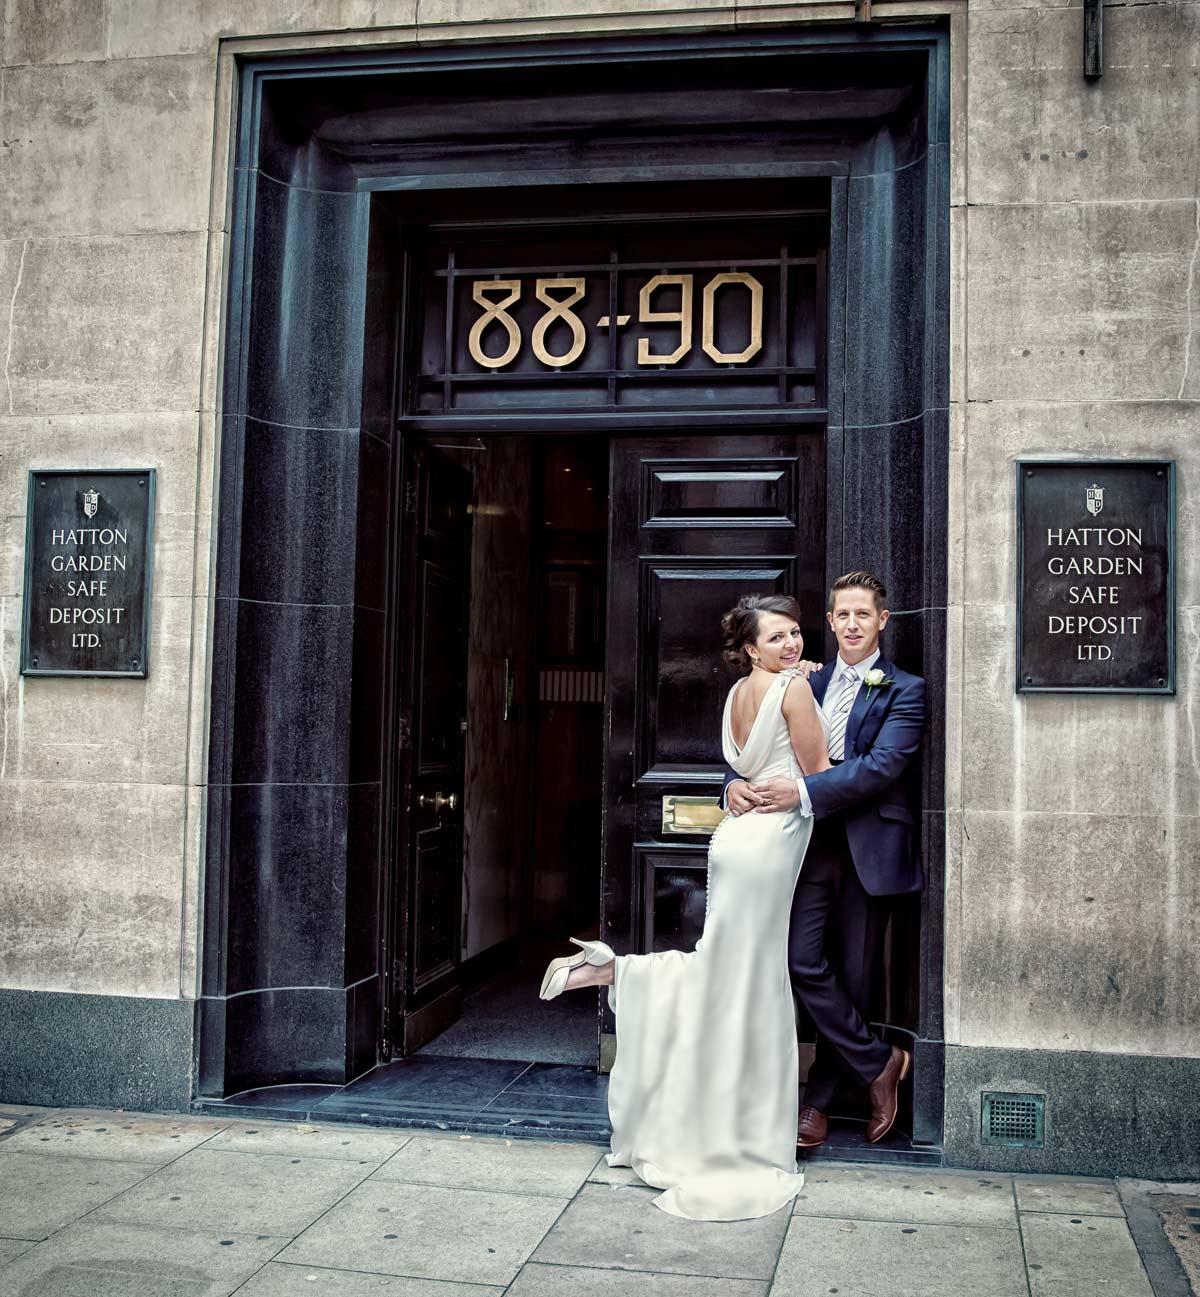 Hatton Garden safety deposit wedding job 1